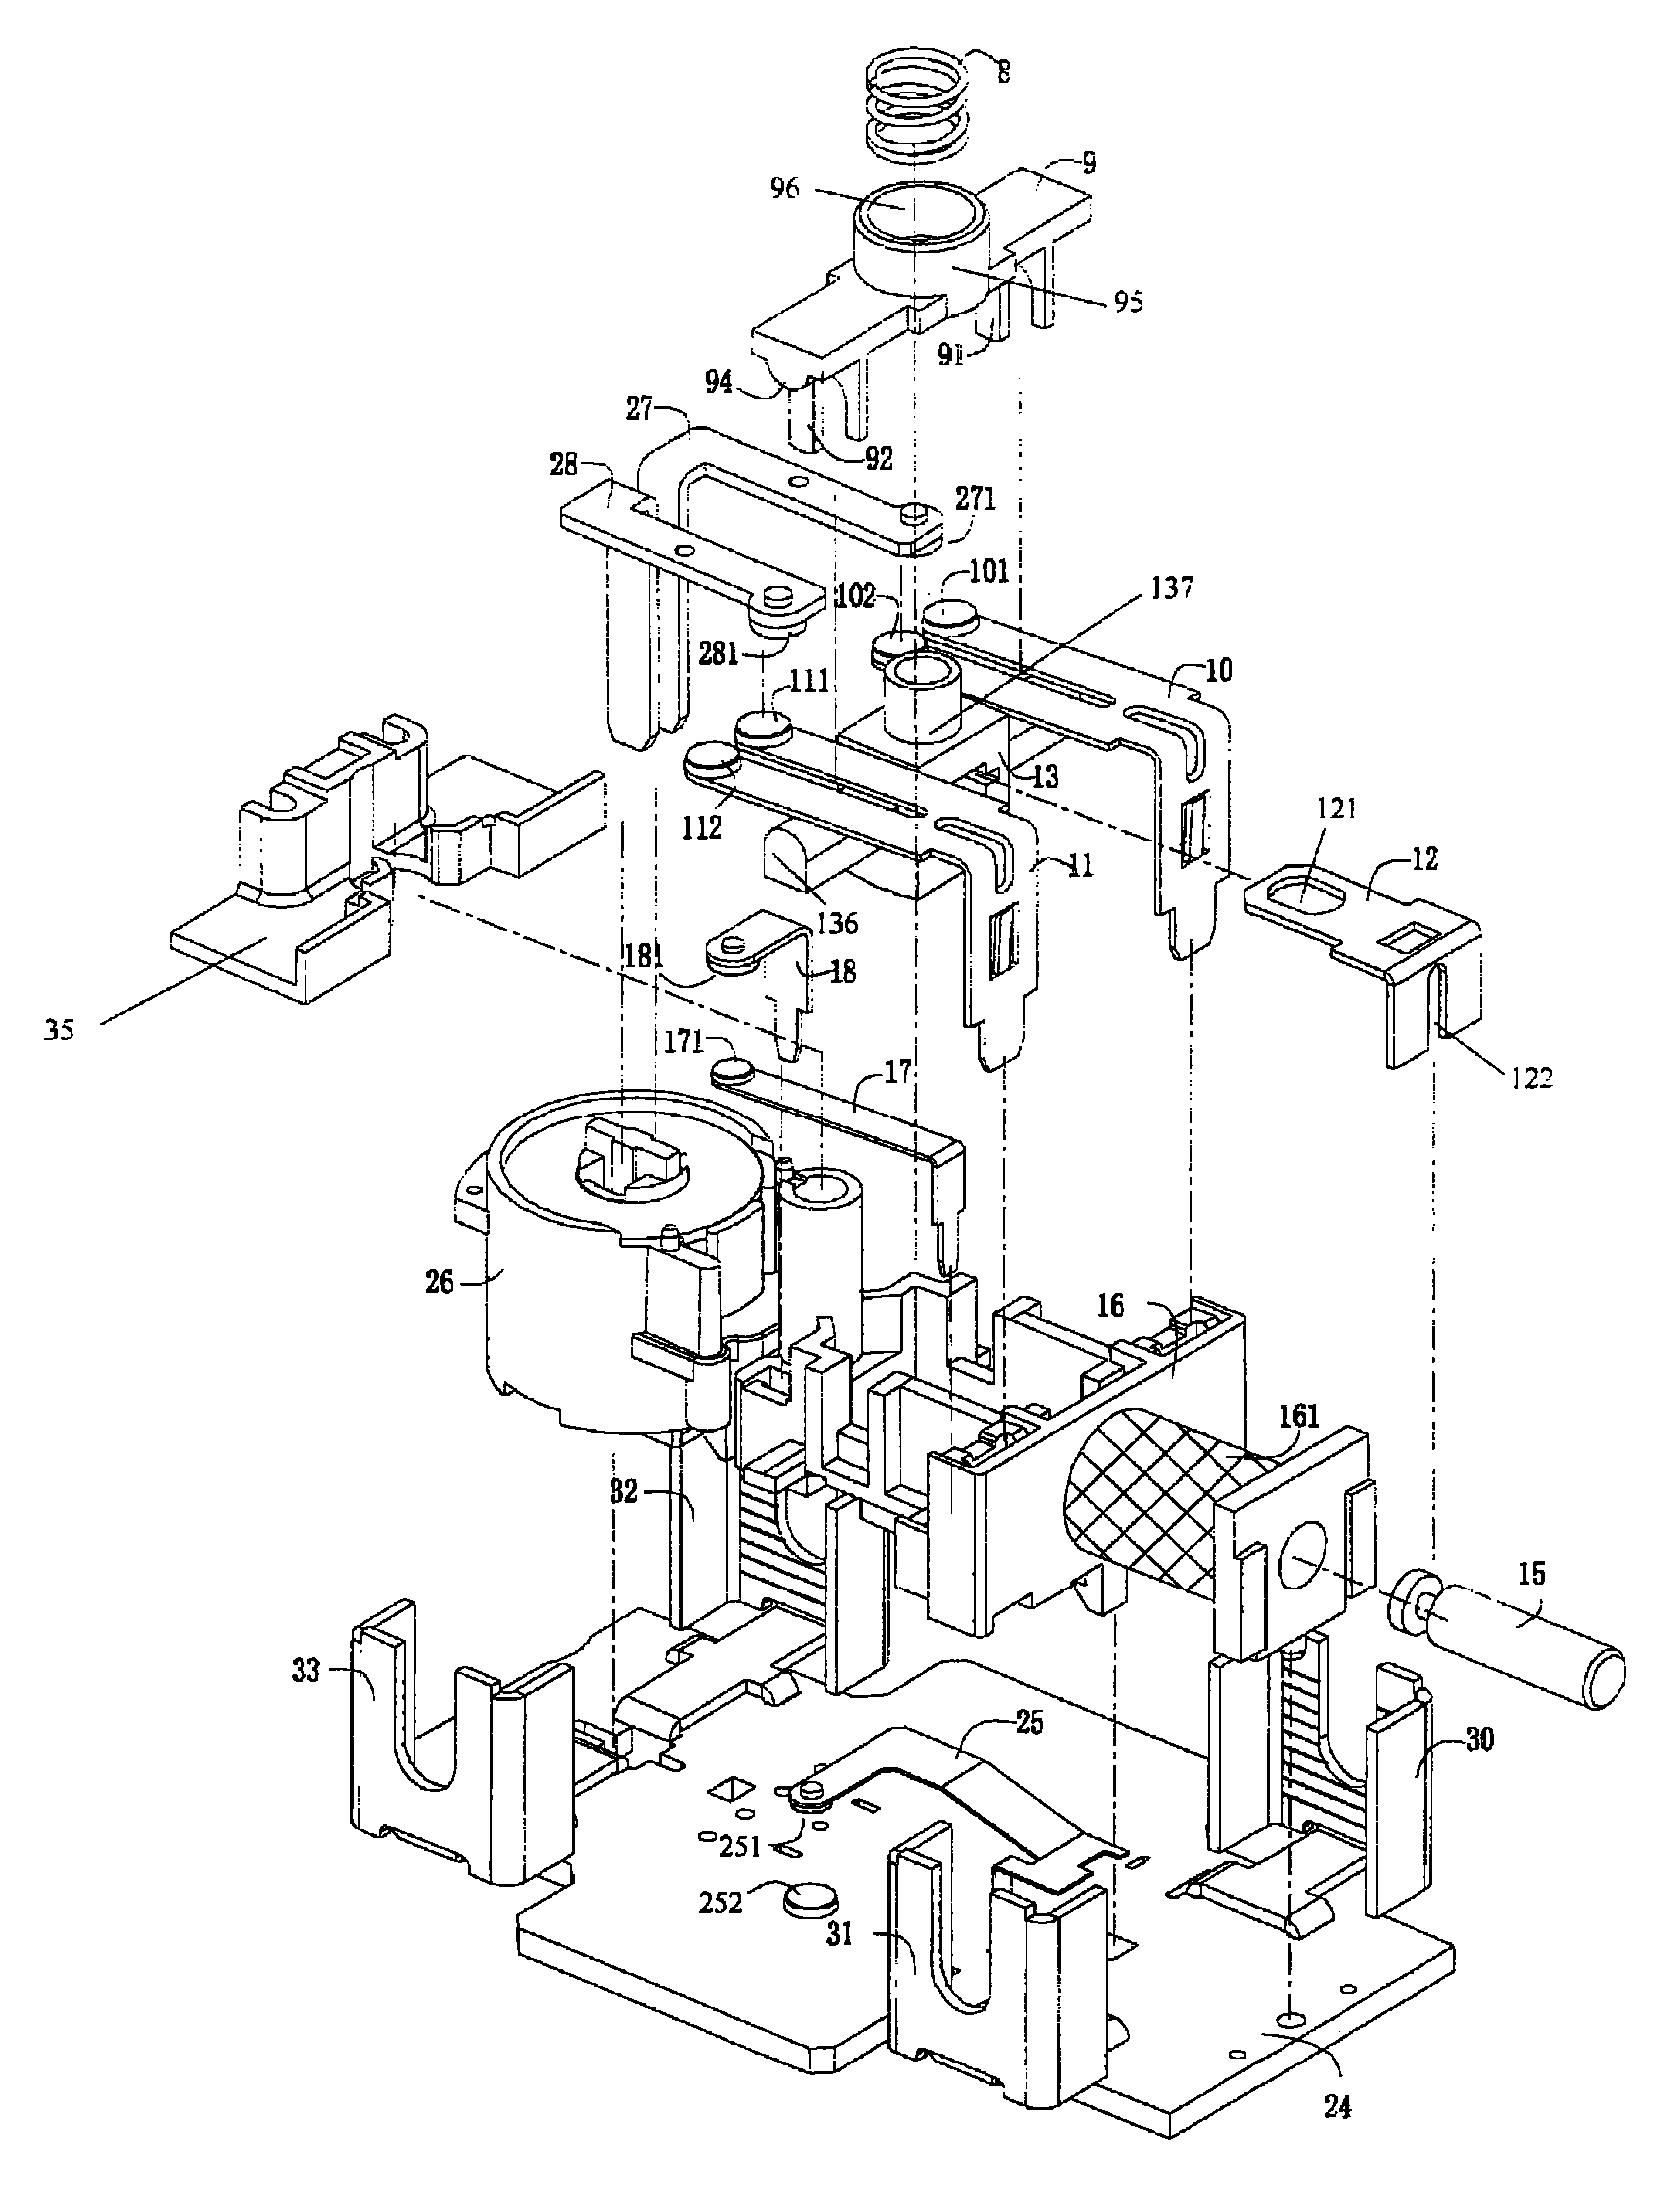 patent us8164403